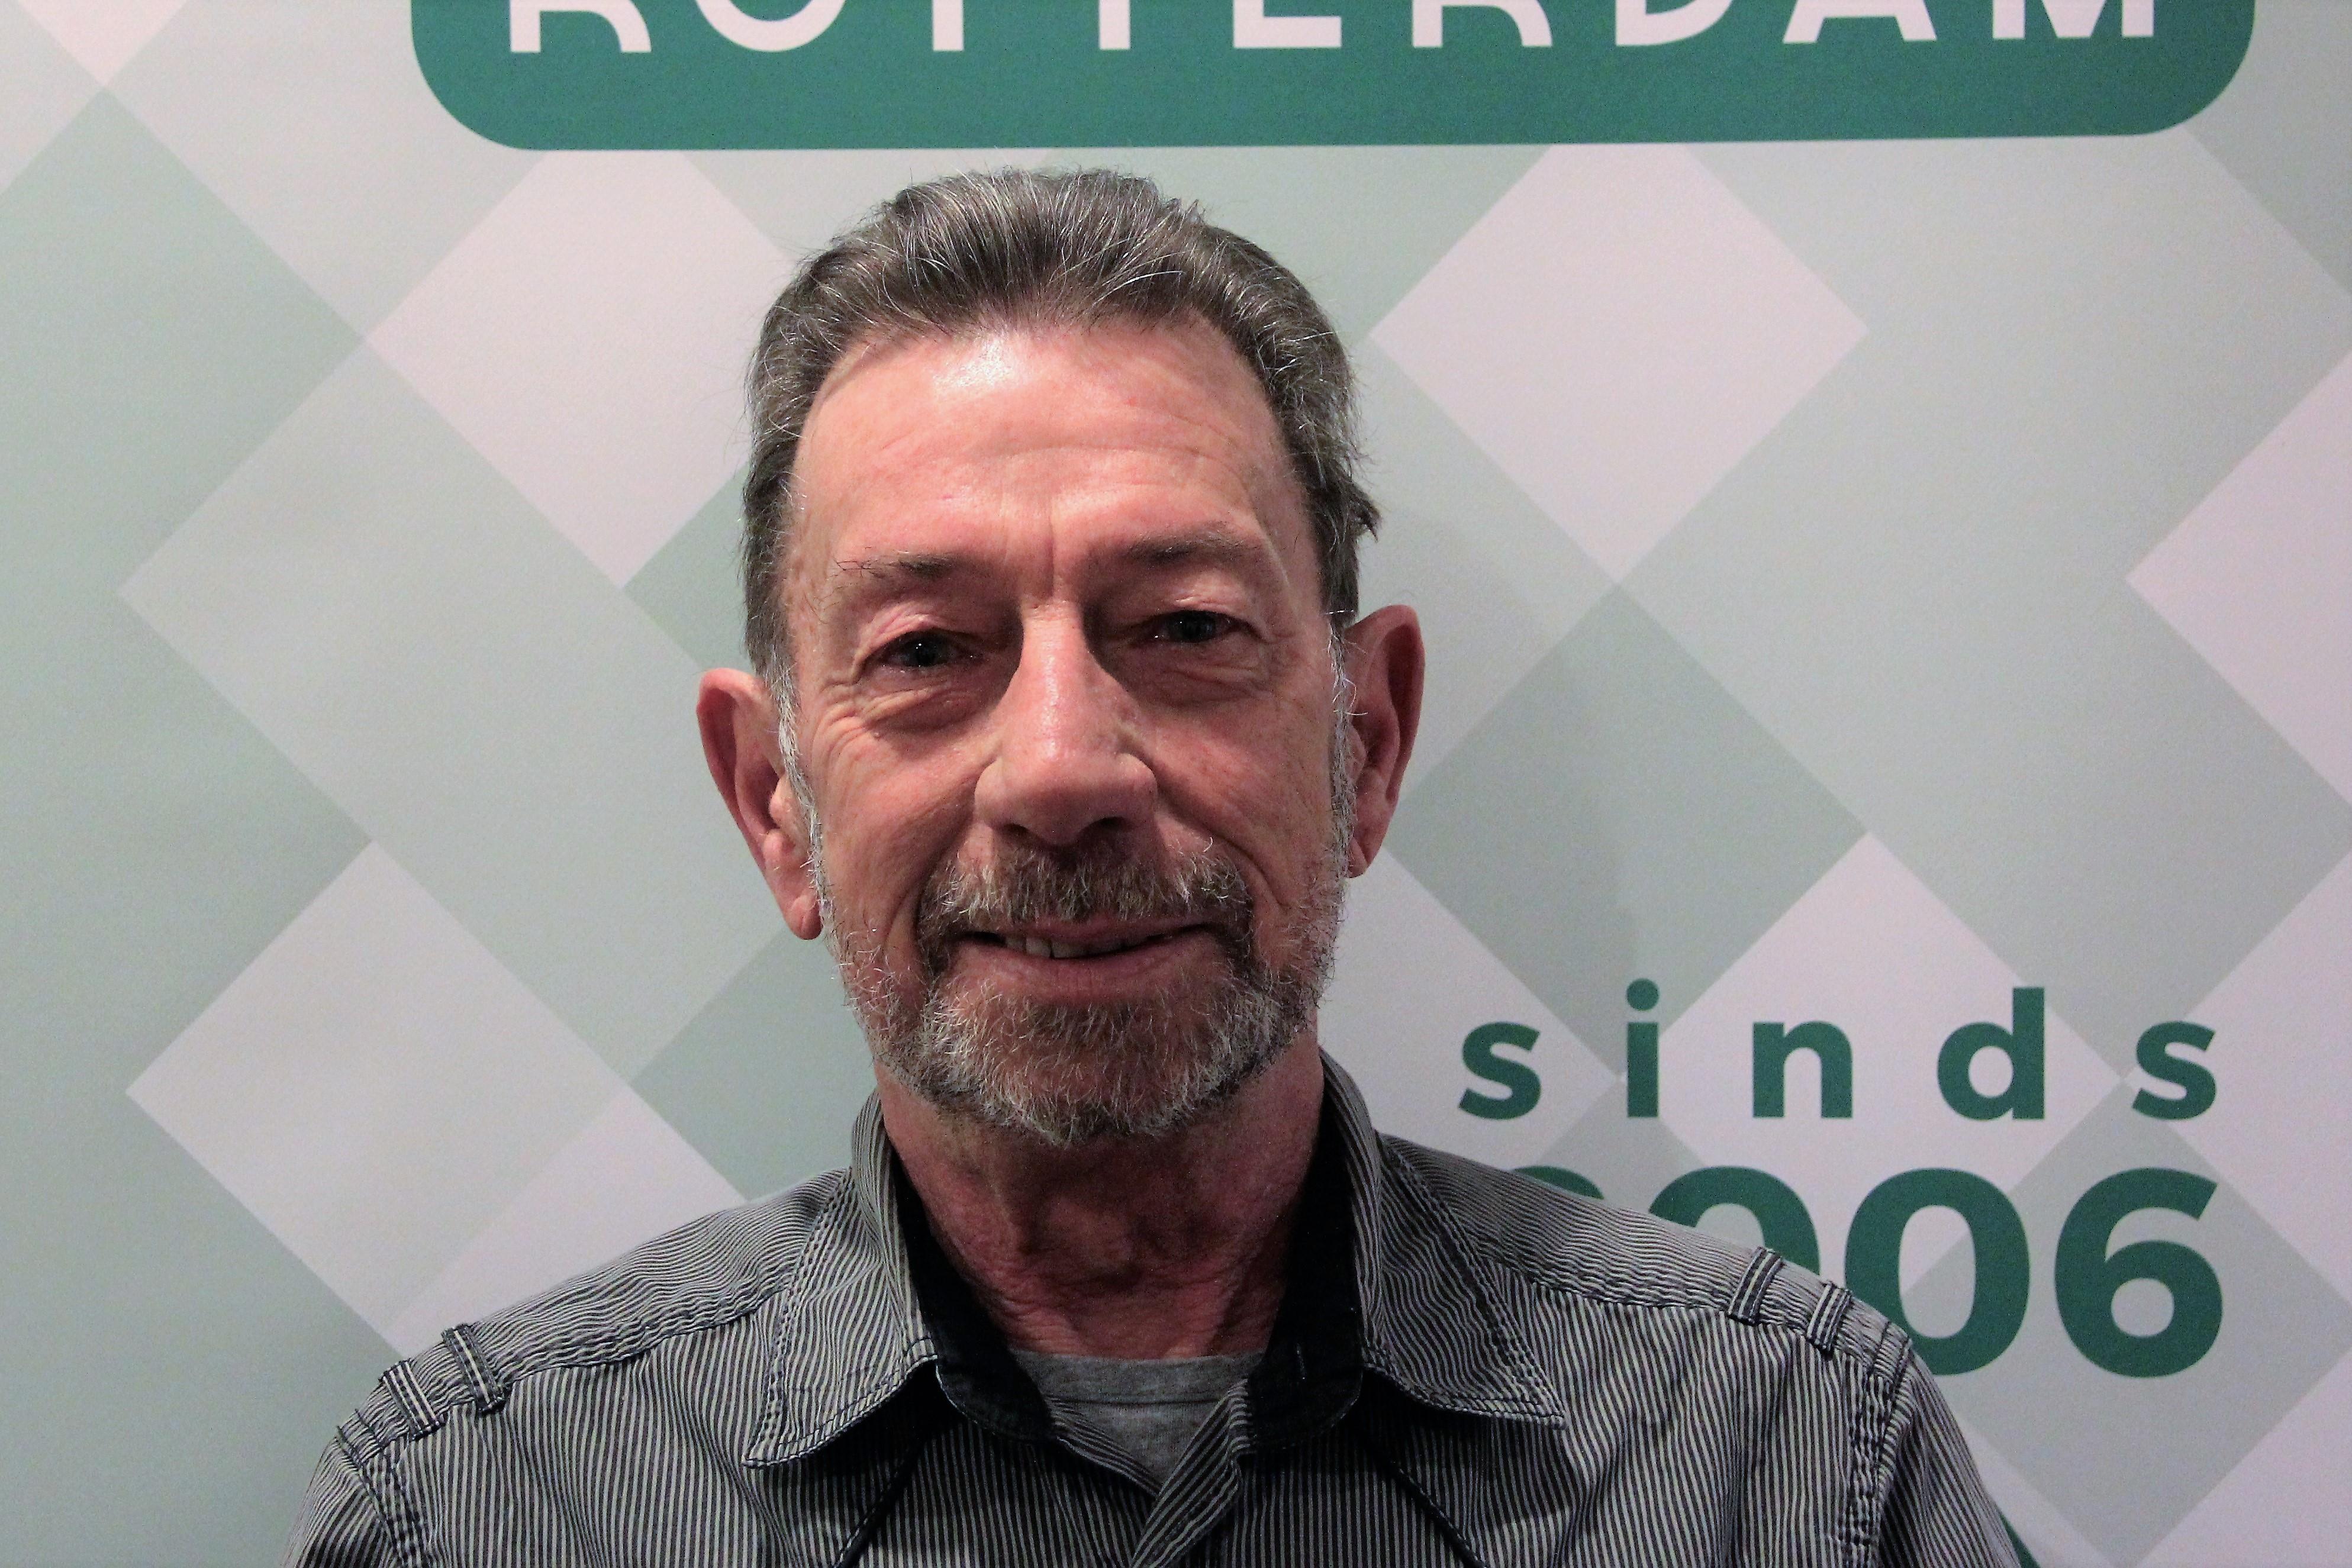 Gerrit Van Der Woude